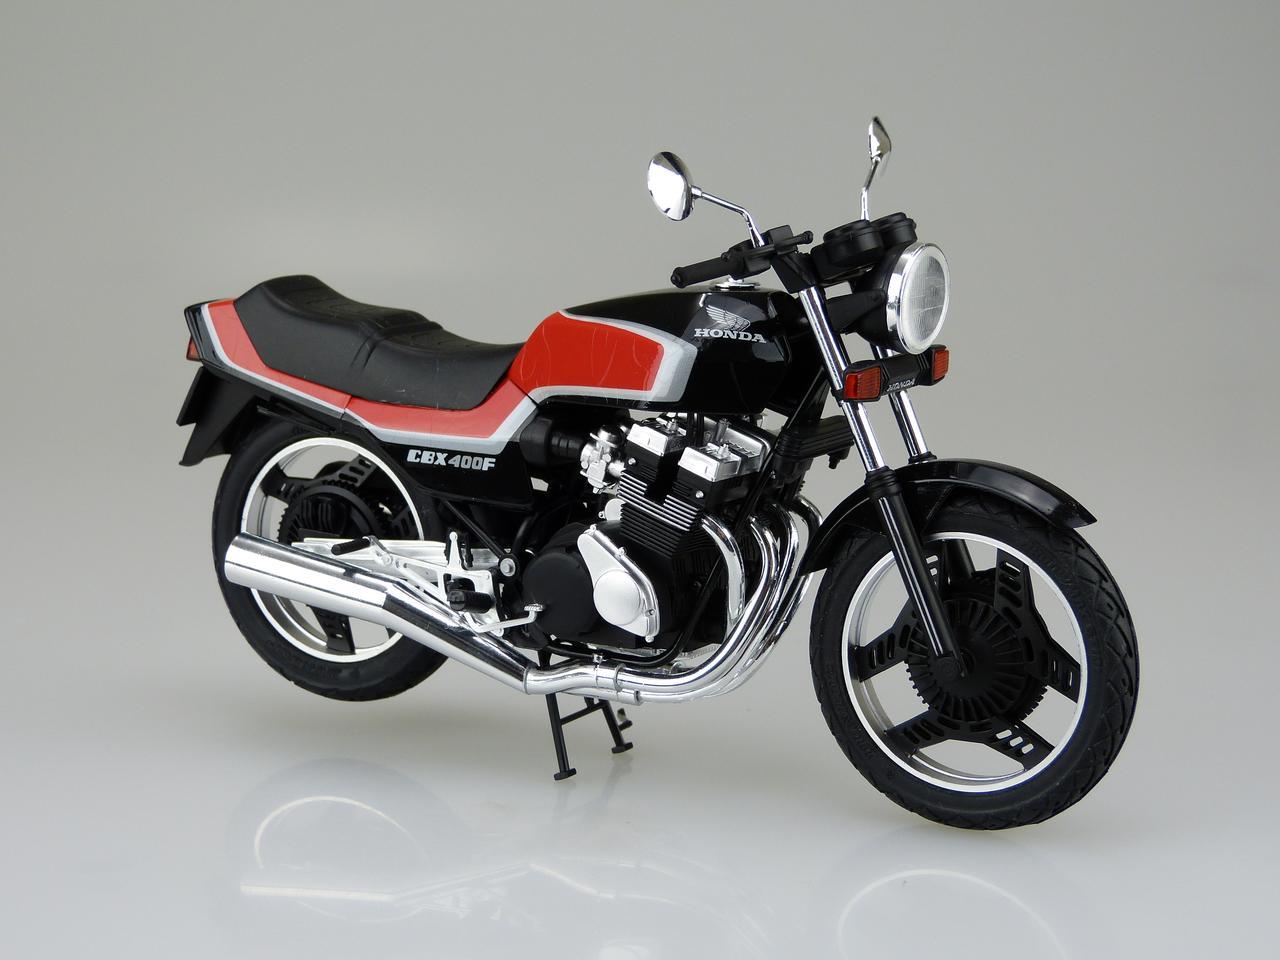 画像1: 1/12 バイク No.14 ホンダ CBX400FⅡ ■価格:2200円(税抜)※2016年6月発売予定